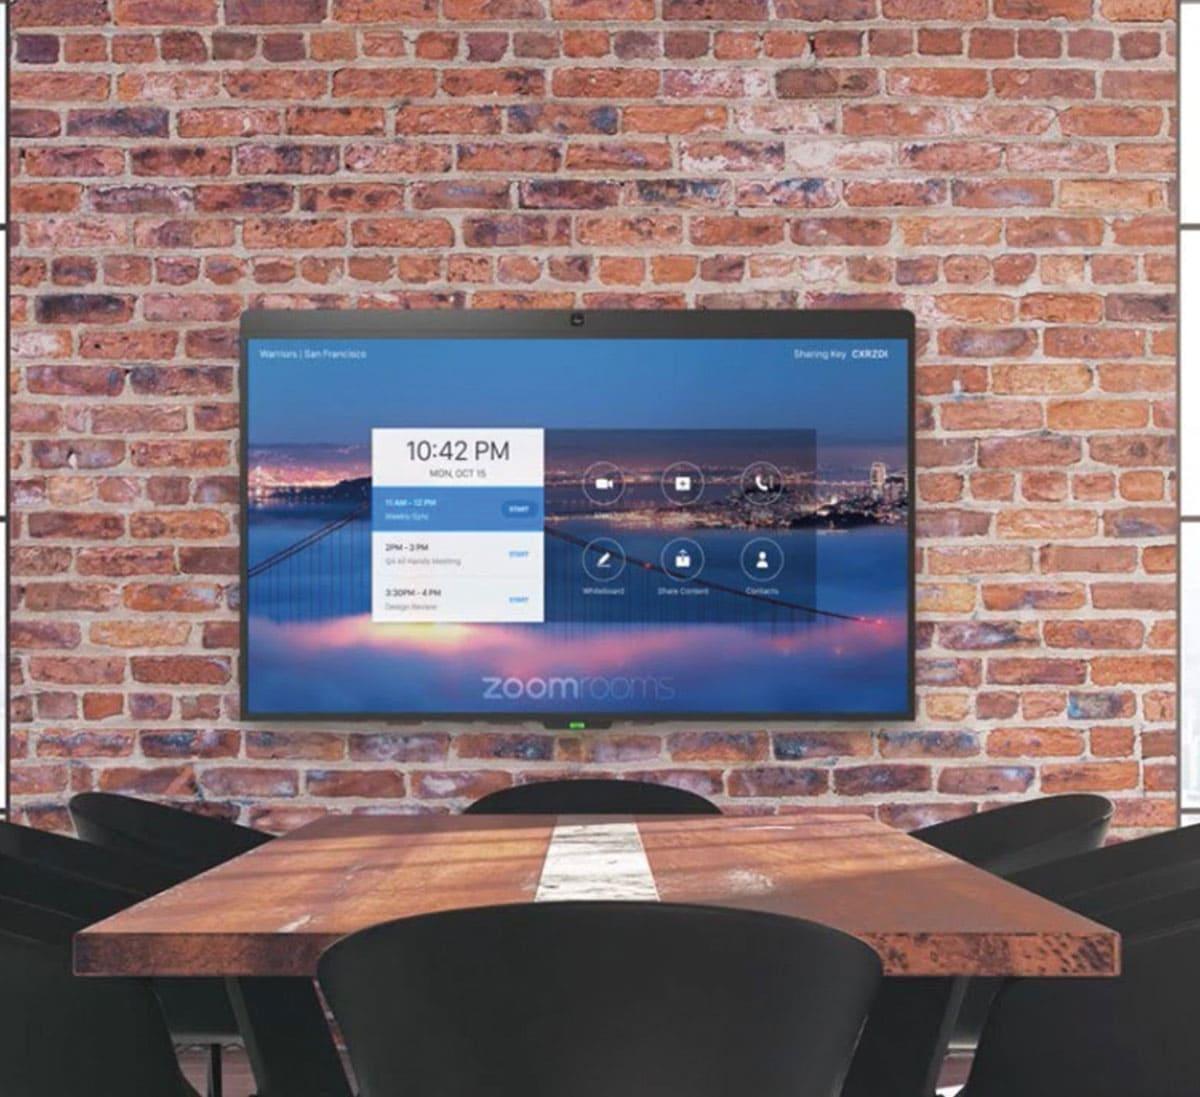 Zoom Room: Interagisci con qualunque piattaforma